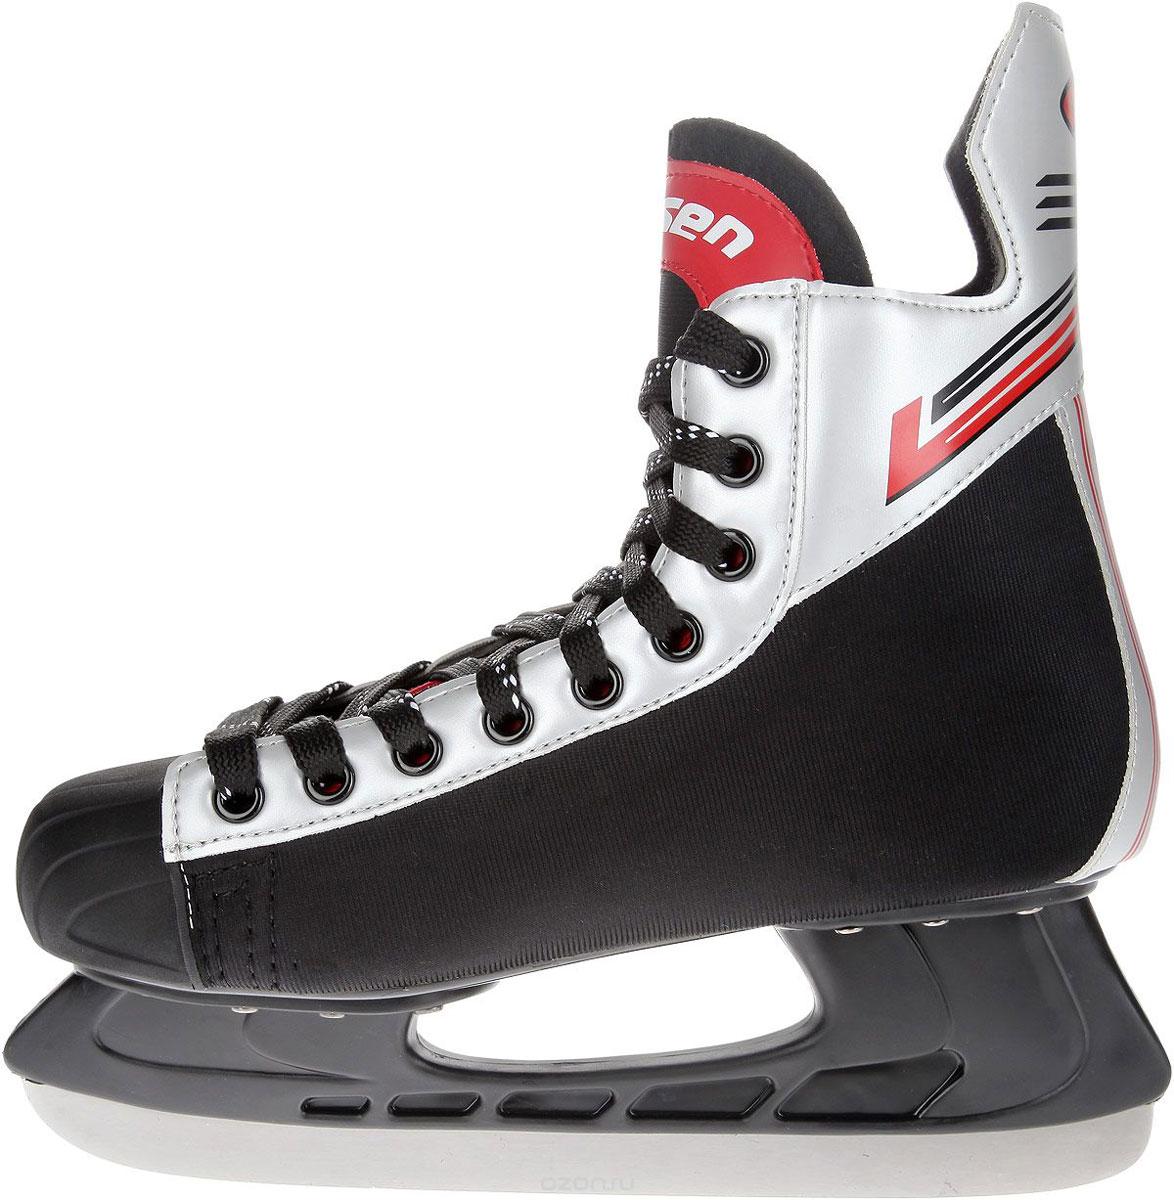 Коньки хоккейные мужские Larsen Alex, цвет: черный, серебристый, красный. Размер 37AlexСтильные коньки Alex от Larsen прекрасно подойдут для начинающих игроков в хоккей. Ботиноквыполнен из нейлона и морозоустойчивого поливинилхлорида. Мыс дополнен вставкой изполиуретана, которая защитит ноги от ударов. Внутренний слой изготовлен из мягкого текстиля,который обеспечит тепло и комфорт во время катания, язычок - из войлока. Плотная шнуровканадежно фиксирует модель на ноге. Голеностоп имеет удобный суппорт. Стелька из EVA стекстильной поверхностью обеспечит комфортное катание. Стойка выполнена изударопрочного полипропилена. Лезвие из нержавеющей стали обеспечит превосходноескольжение. В комплект входят пластиковые чехлы для лезвий.